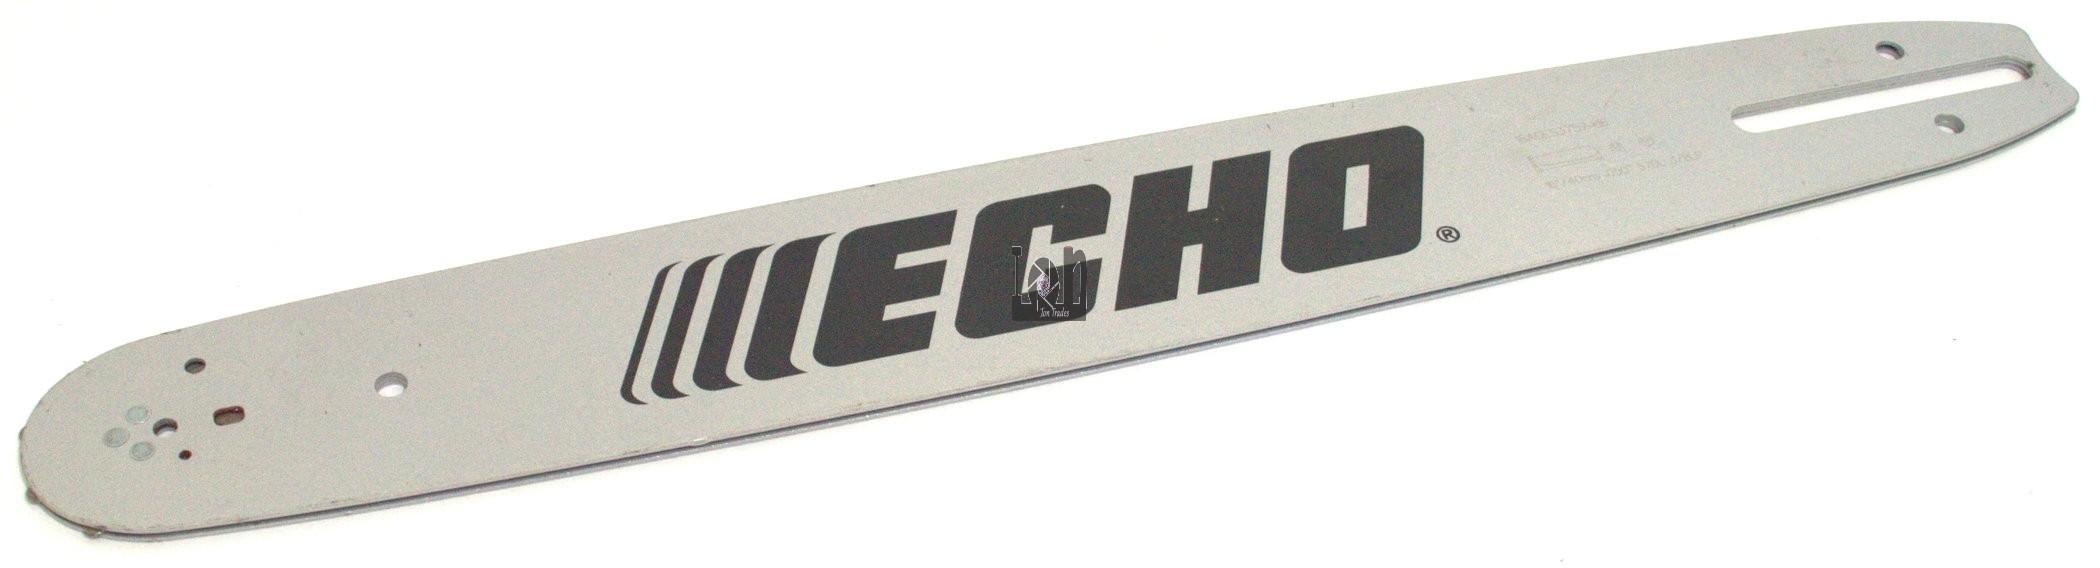 """Echo 16"""" Chainsaw Guide Bag 16A0ES3757 Parts .050 57DL 3/8LP"""